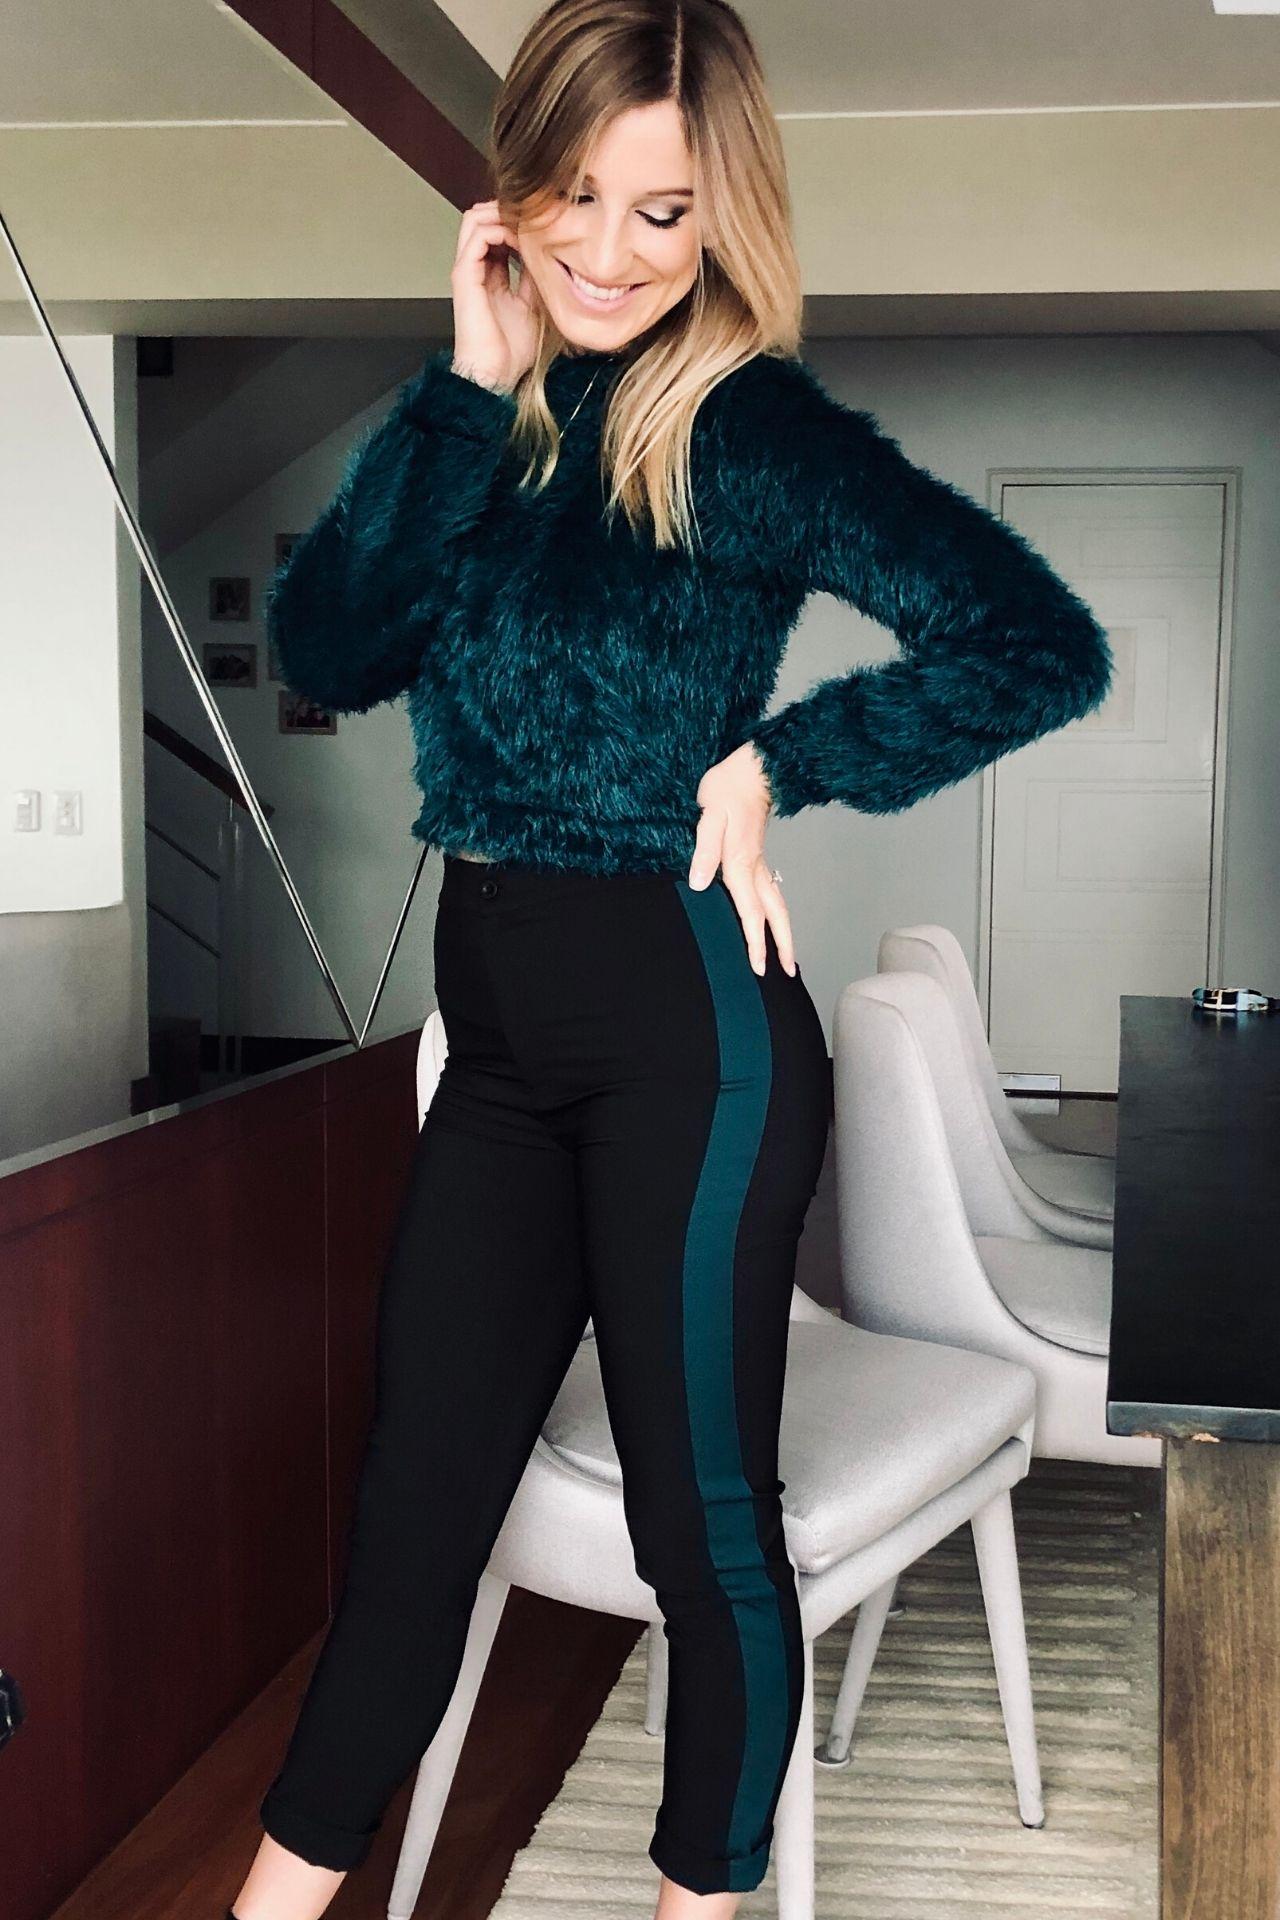 Pantalón de tela catania (97% poliéster y 3% spandex).  Color negro con una franja verde al lado derecho.  Medidas.  Talla Cintura Largo Cadera S 70cm 96cm 88cm M 74cm 97cm 90cm L 78cm 98cm 94cm